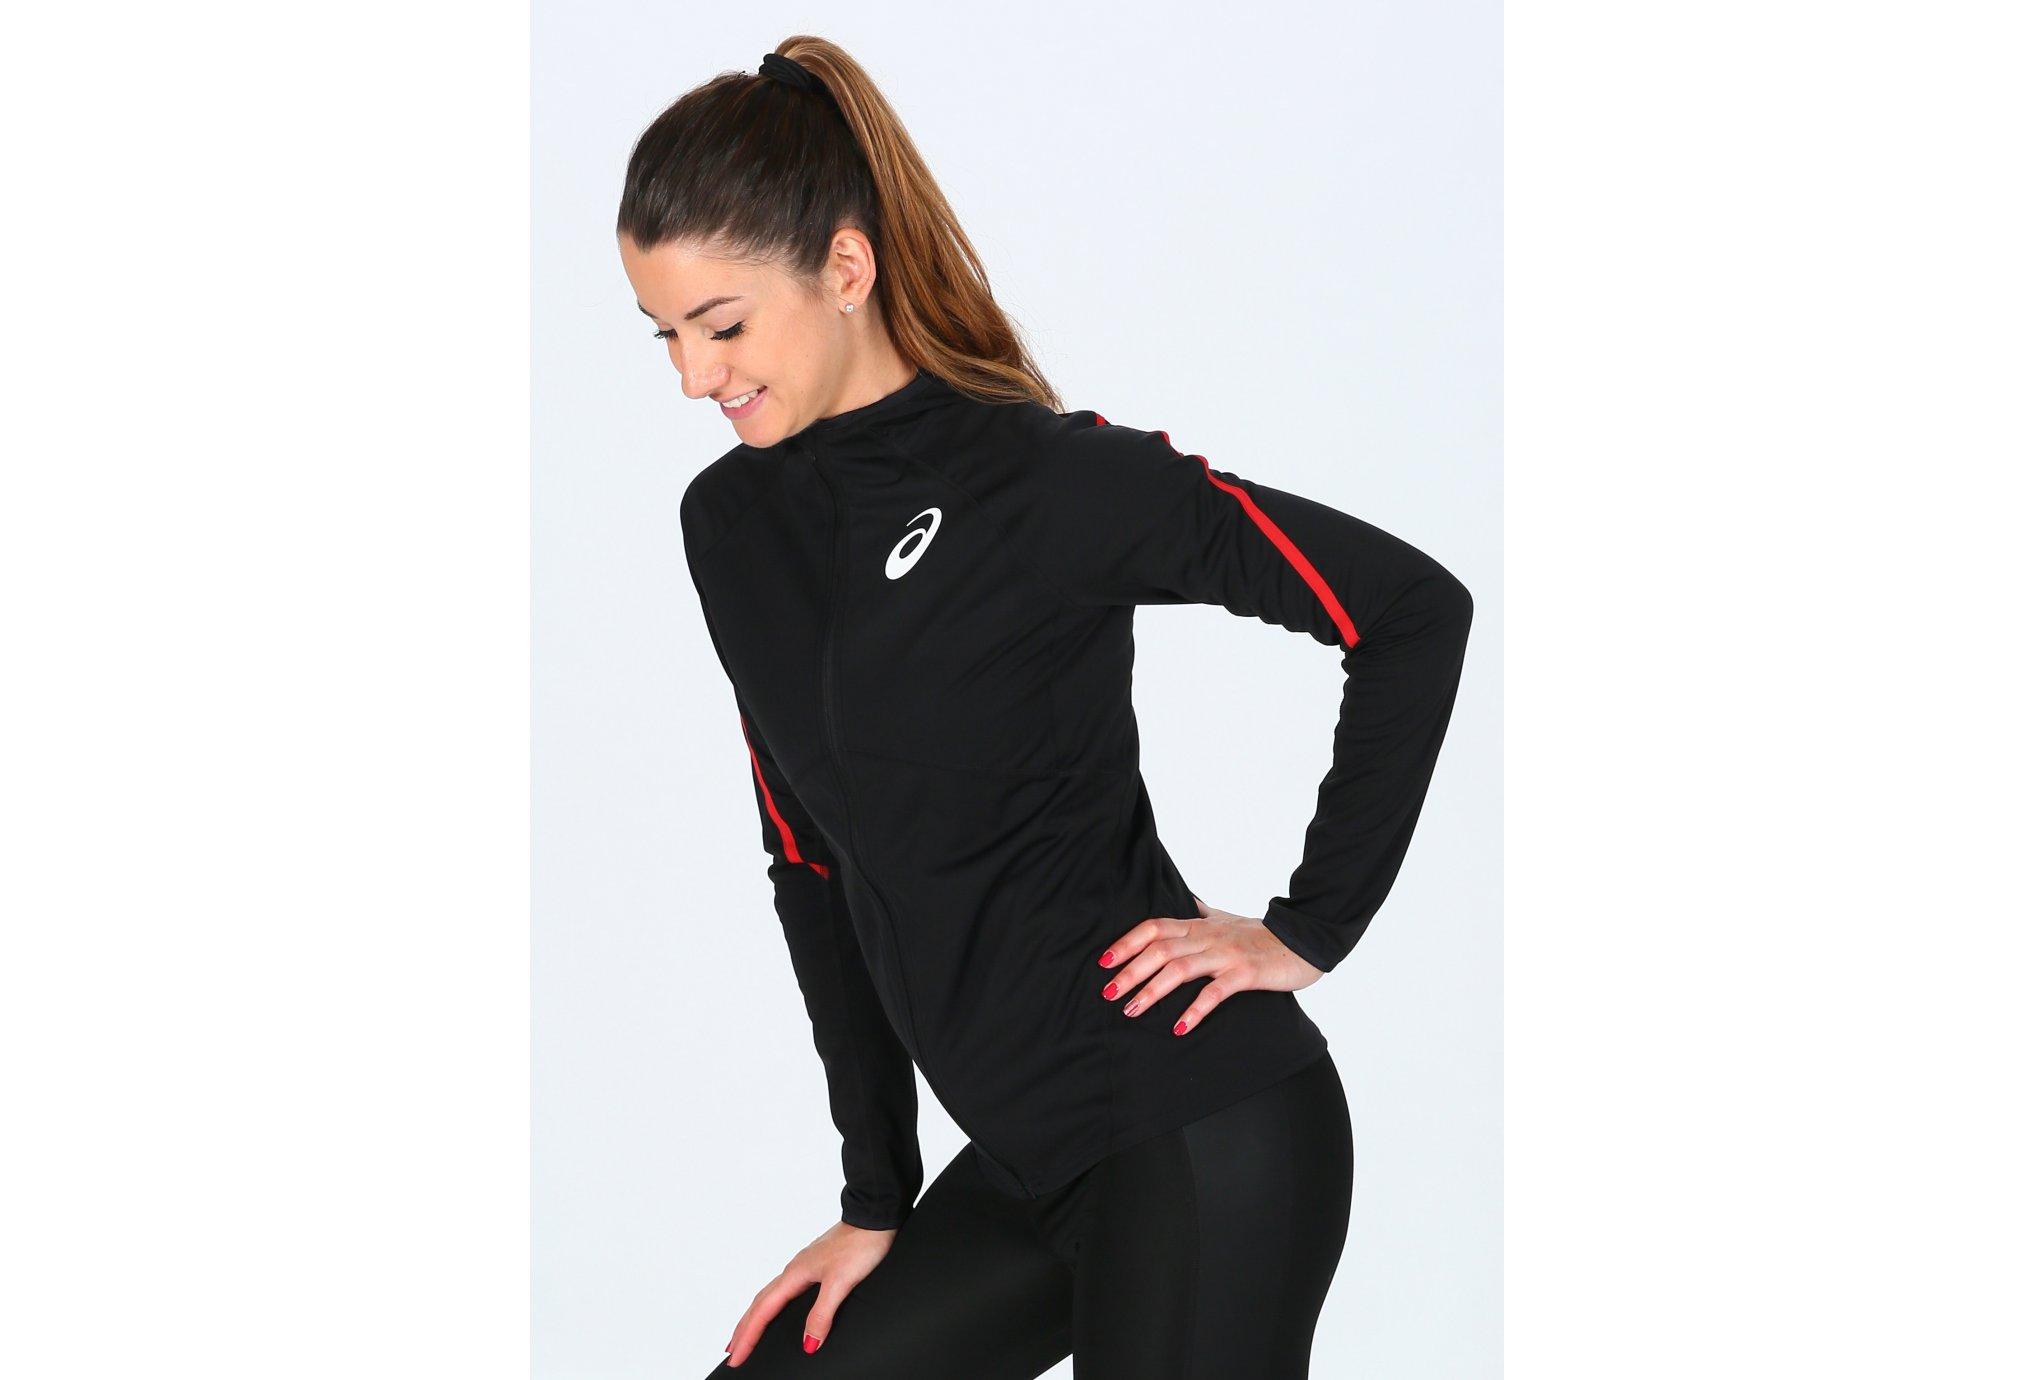 Asics T&F Soft Shell Équipe de France W vêtement running femme